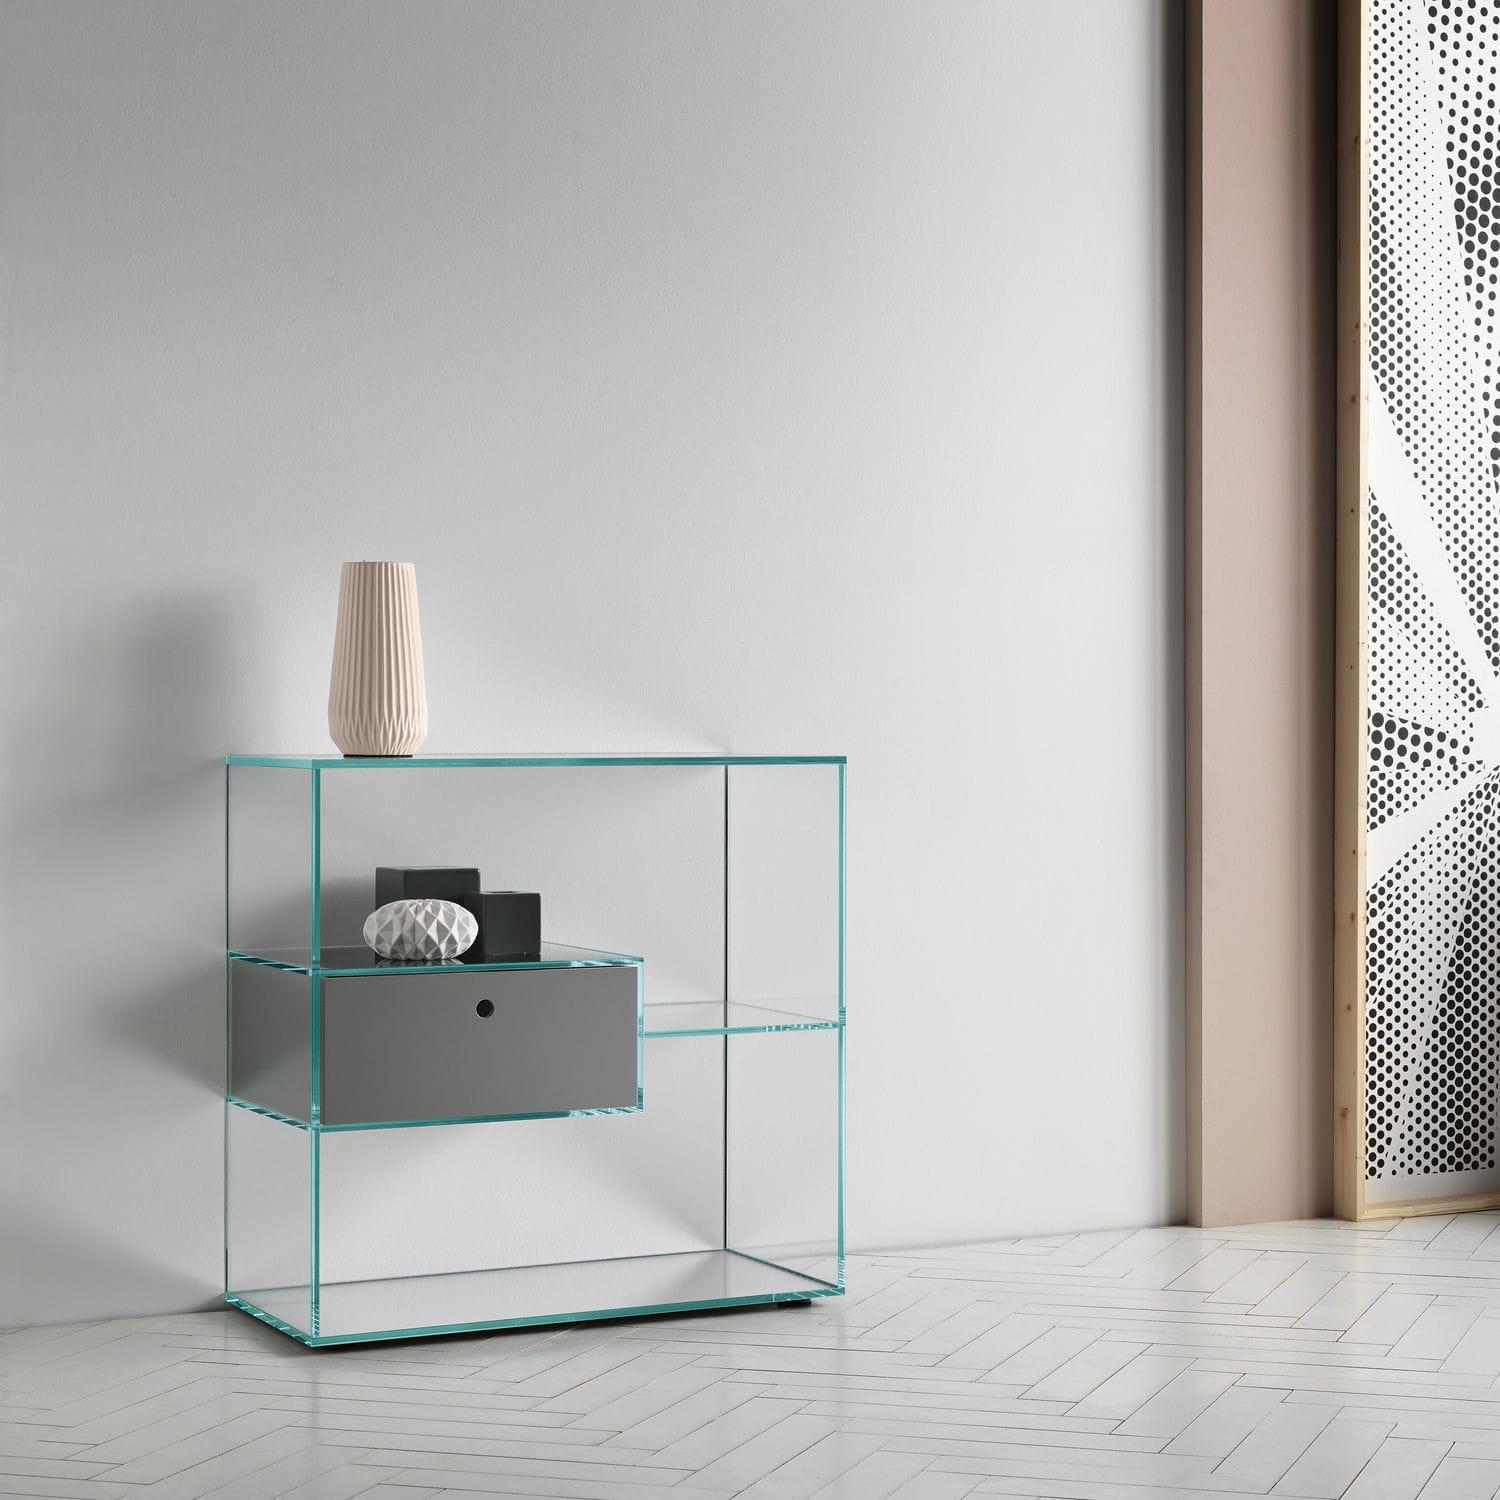 Faszinierend Regal Glas Das Beste Von Affordable Modernes Holz Mit Schublade Liber By